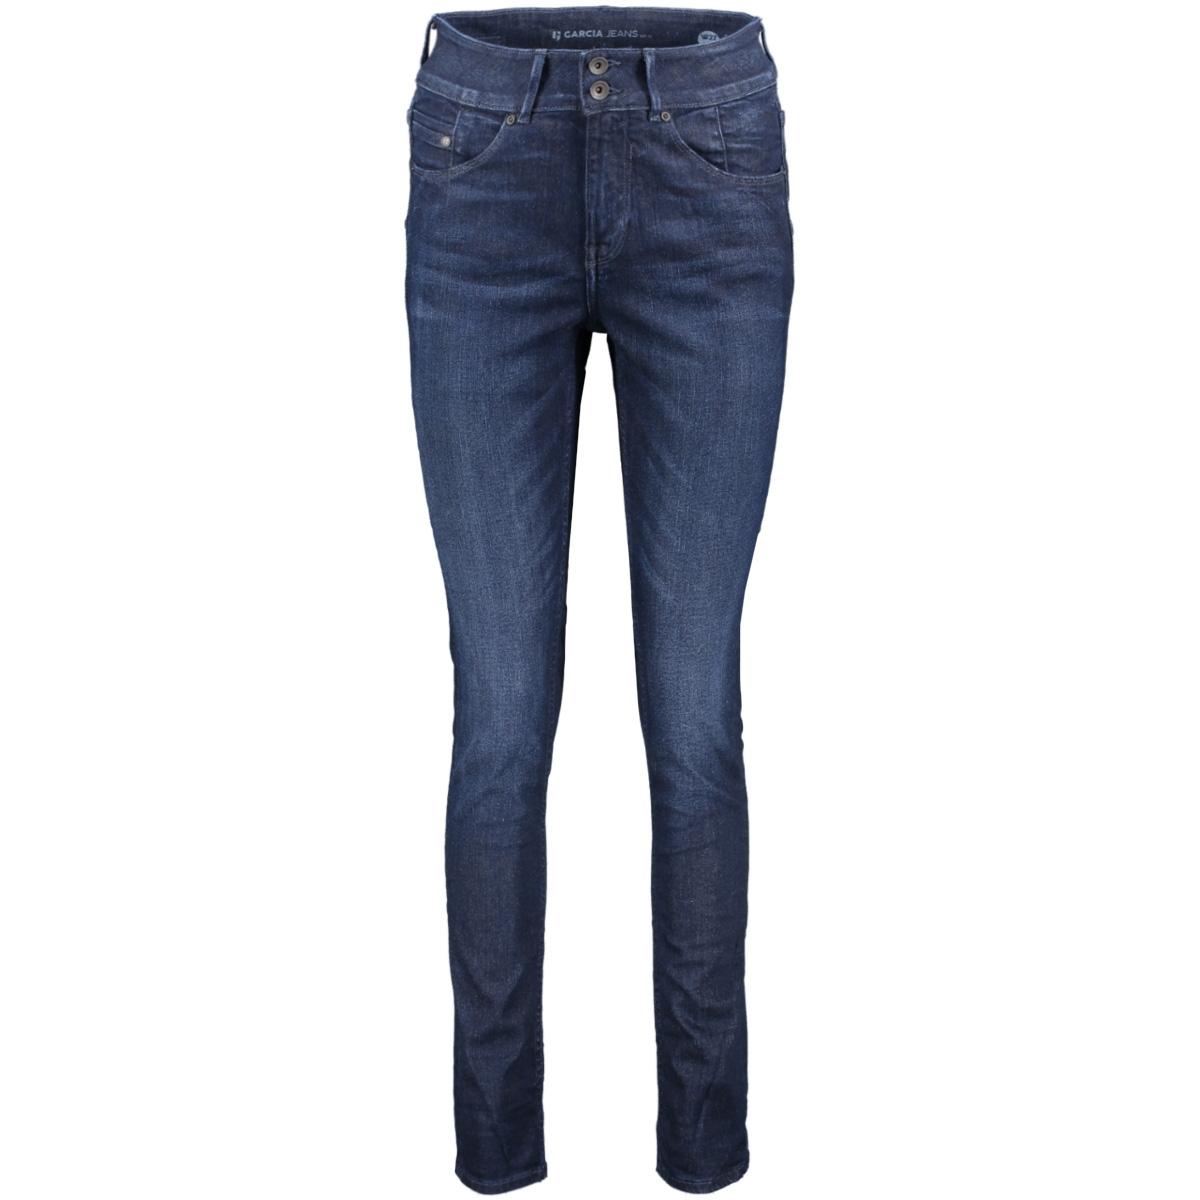 caro slim 285 garcia jeans 4953 dark used